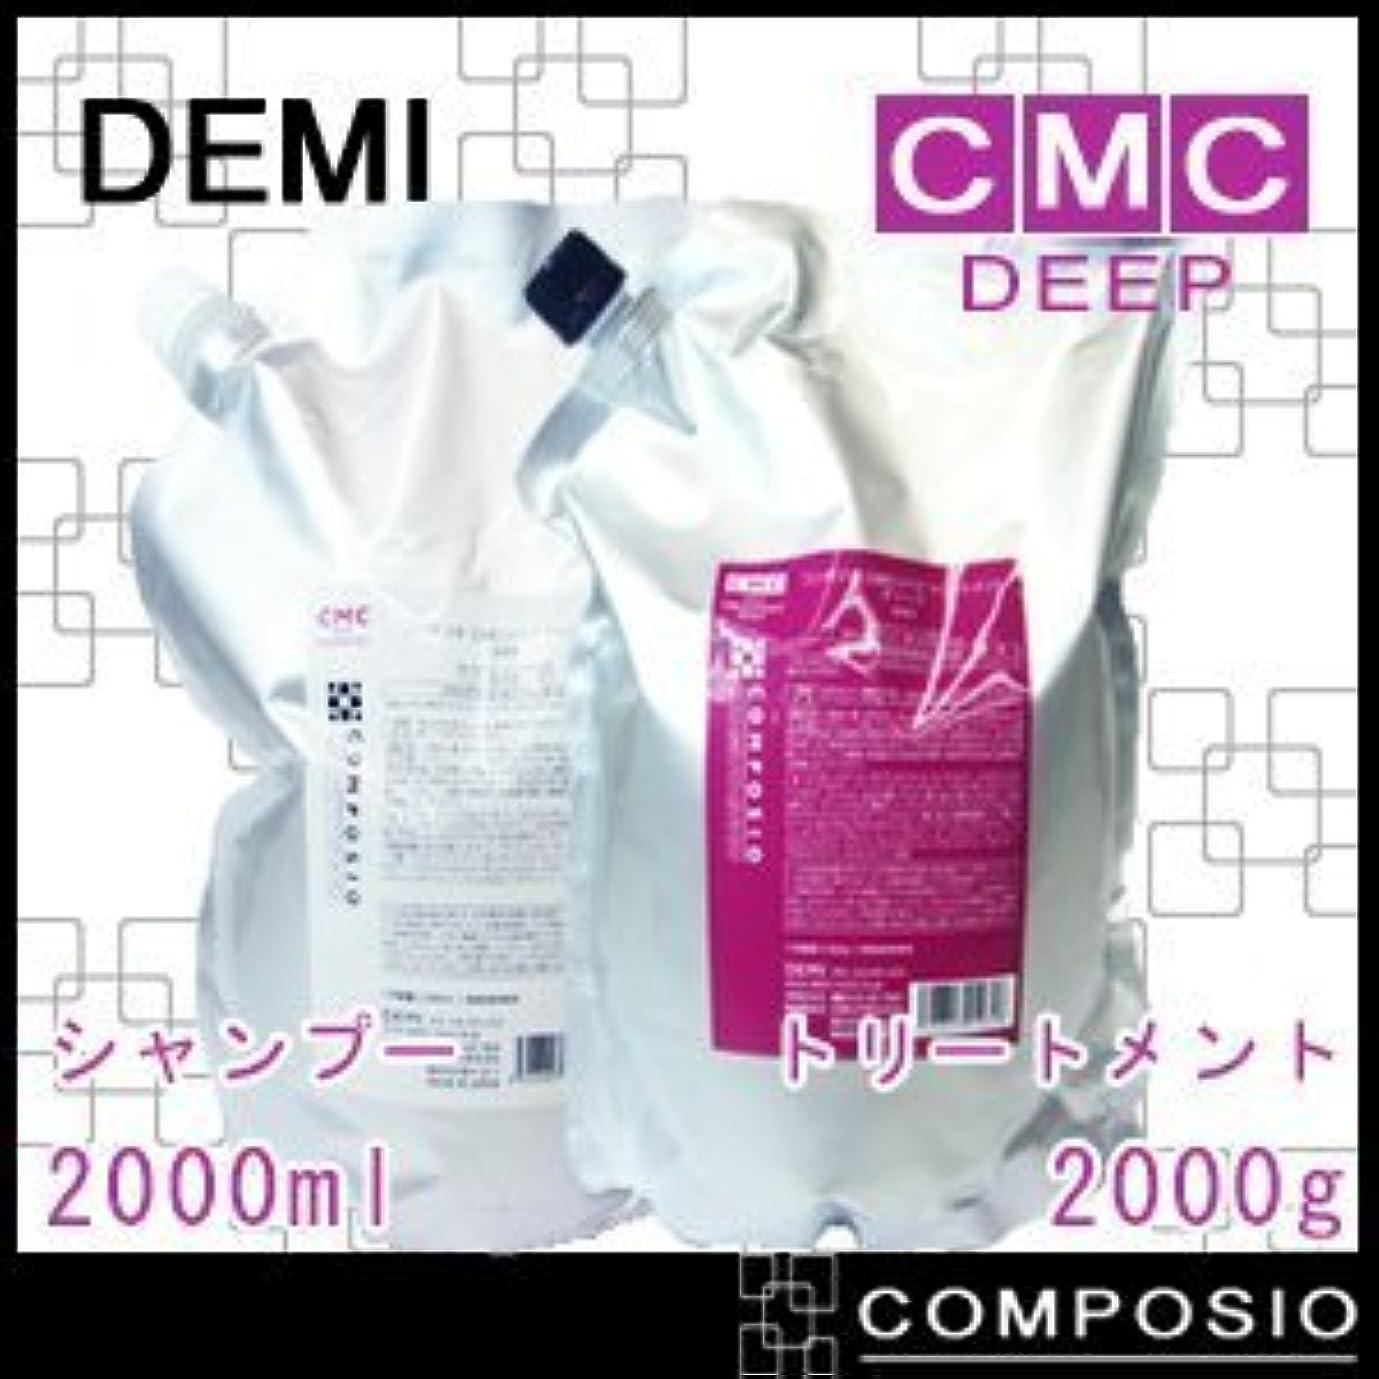 有害なうねるシャイデミ コンポジオ CMCリペアシャンプー&トリートメント ディープ 詰替 2000ml,2000g